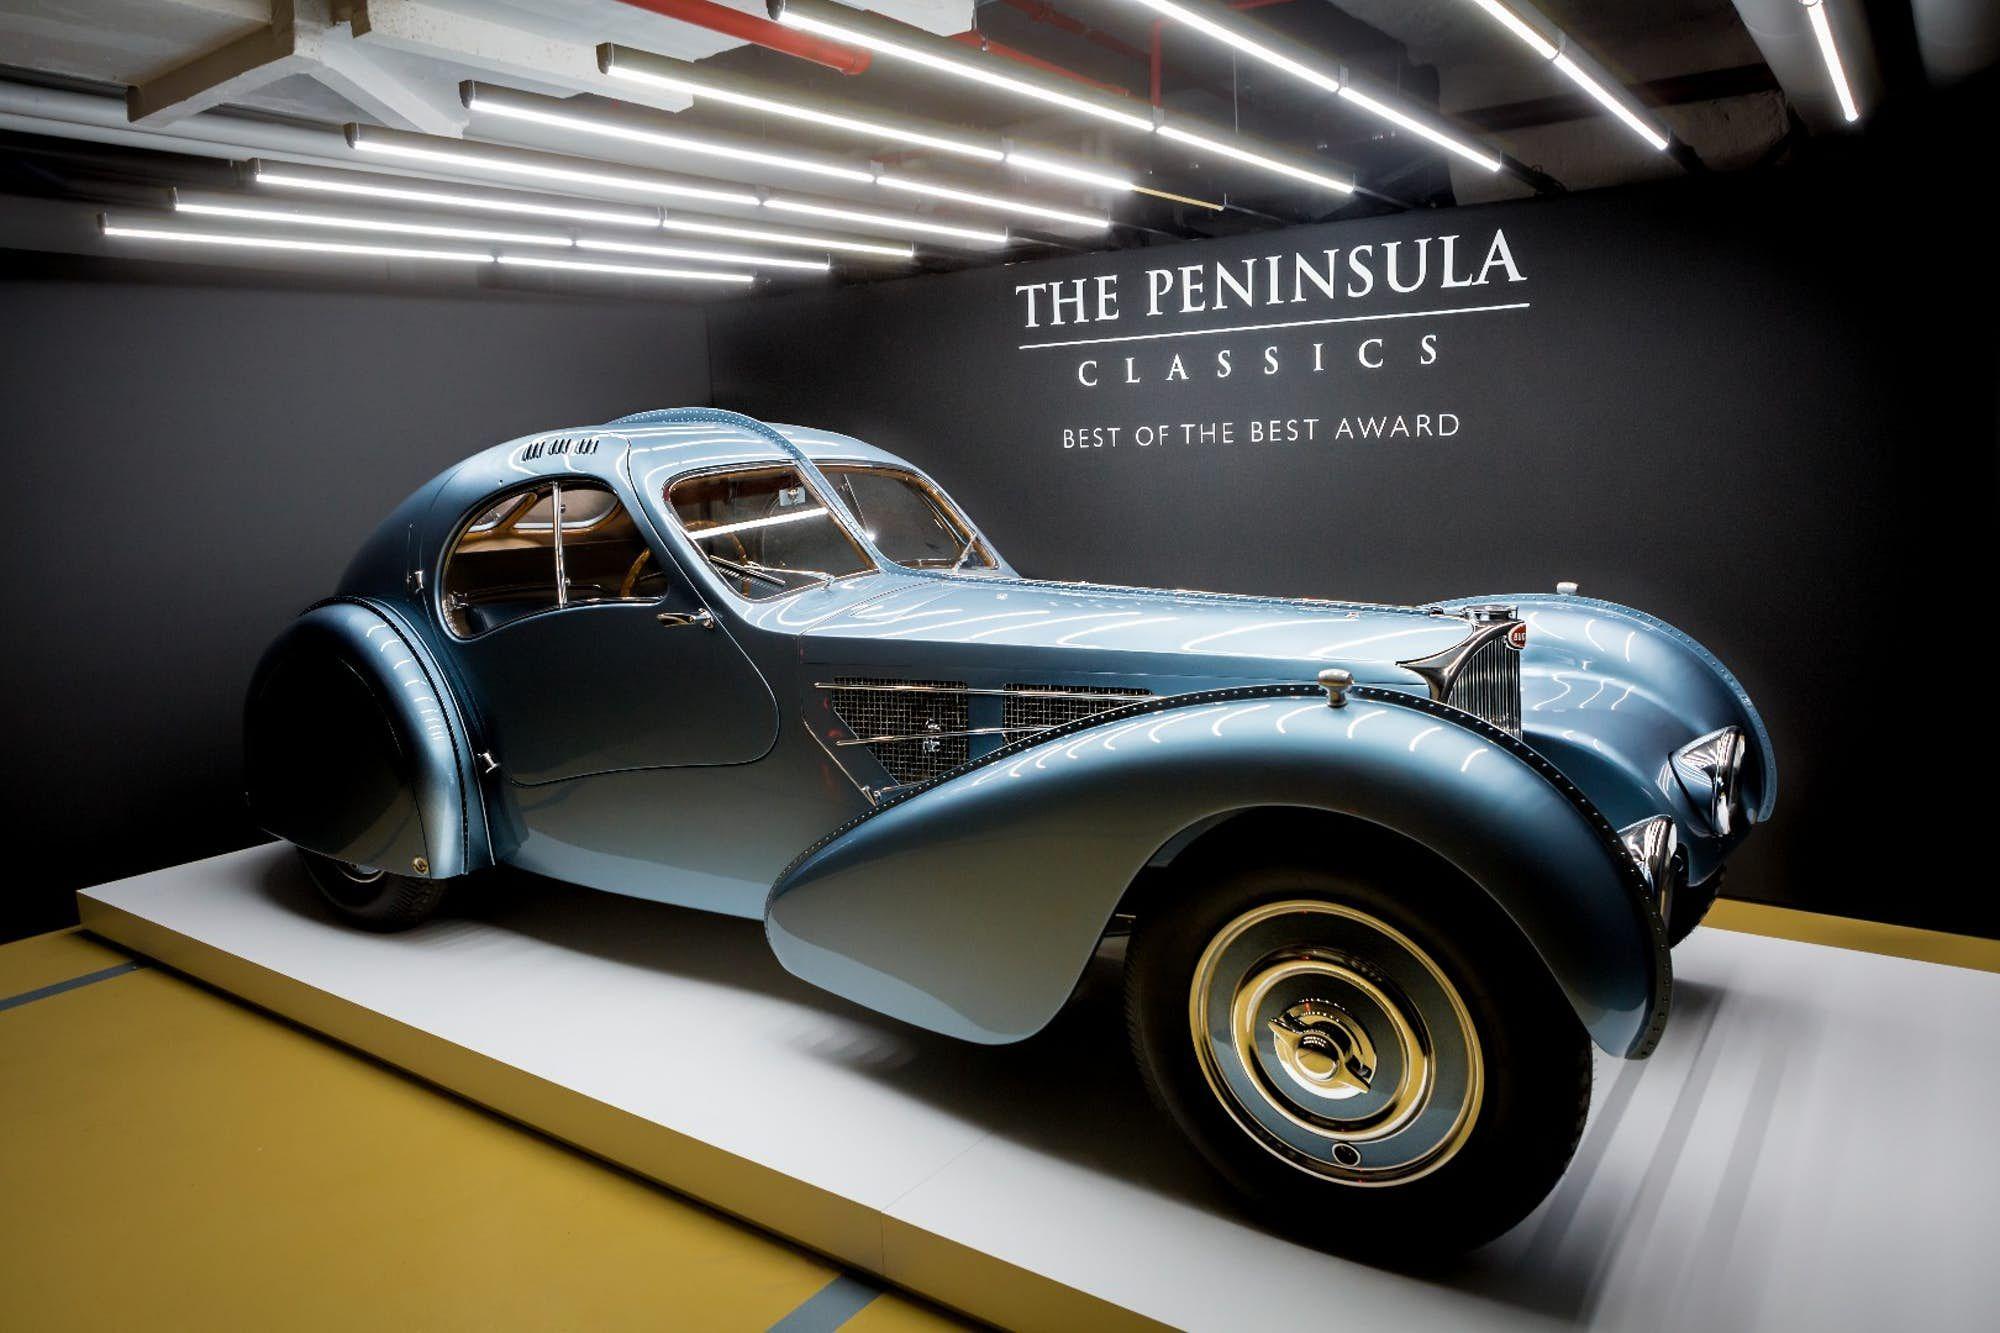 The Exquisite 1936 Bugatti Type 57 Sc Coupe Atlantic Owned By Walmart Chairman Rob Walton And Bugatti Type 57 Bugatti Art Deco Car